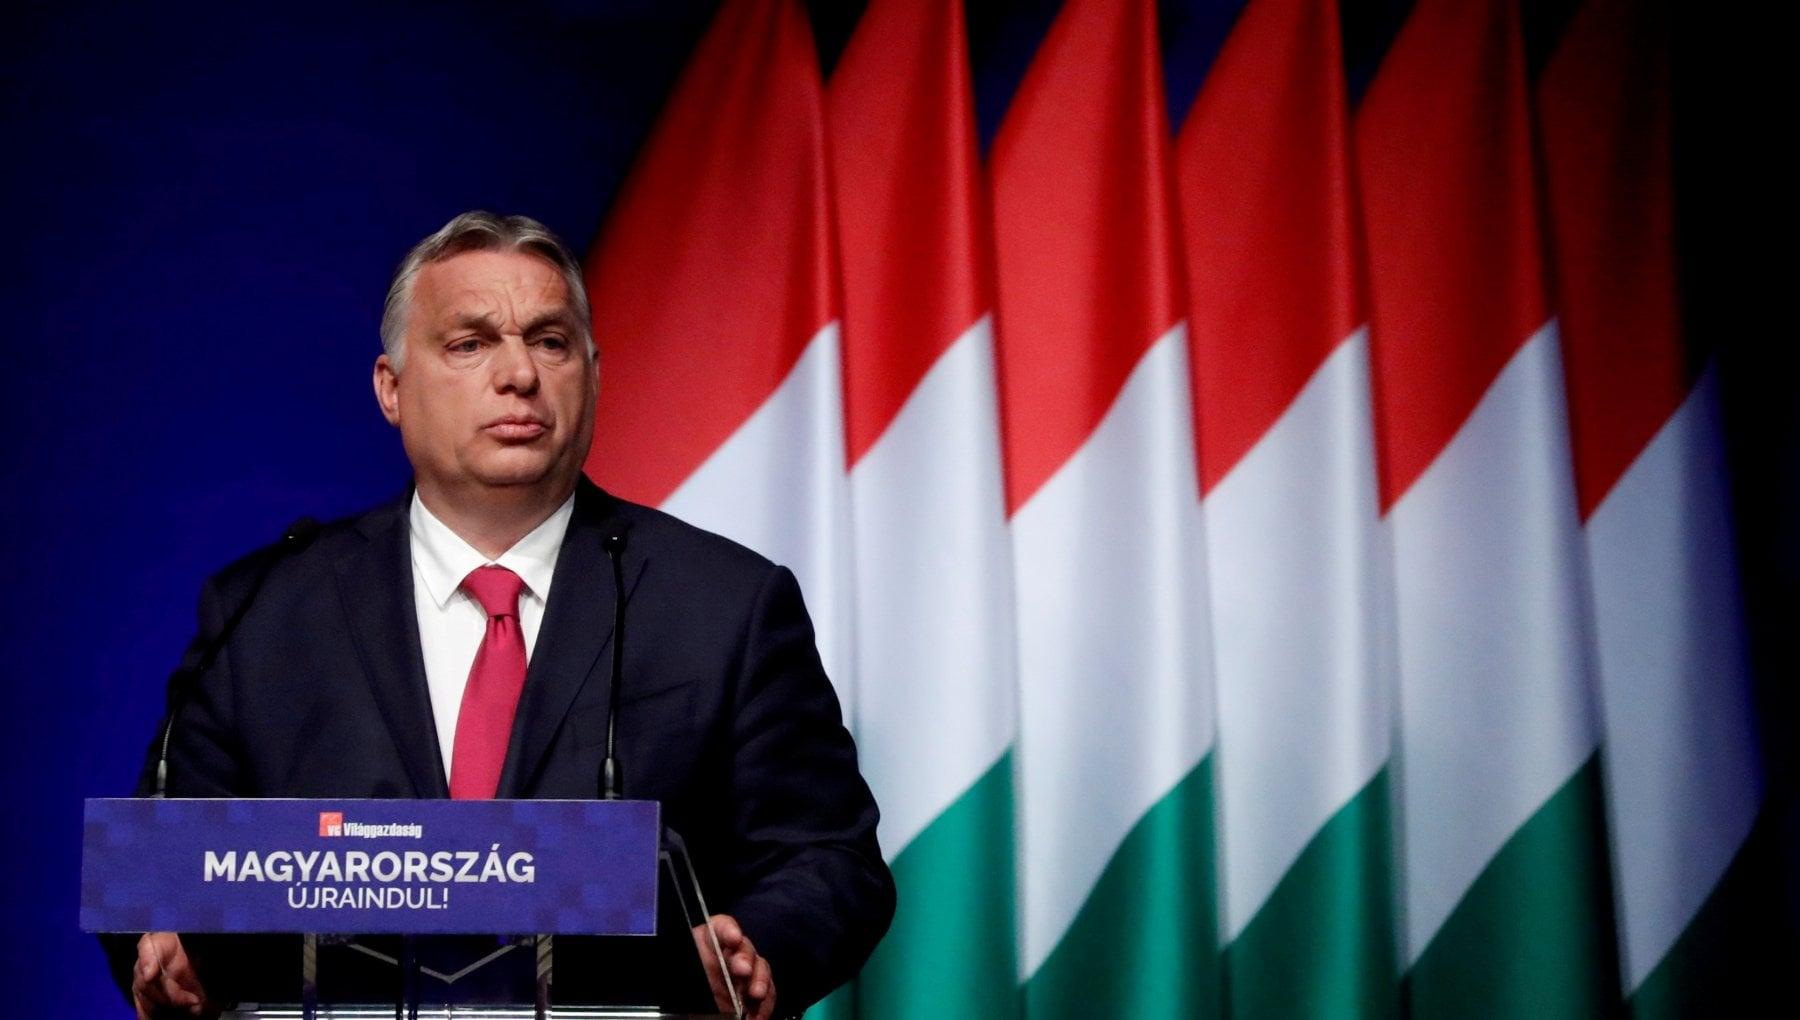 210551866 e292c915 6a2a 4801 8261 68b170471930 - L'inchiesta: da Orbán ai sauditi, gli autocrati spiavano i telefoni dei reporter